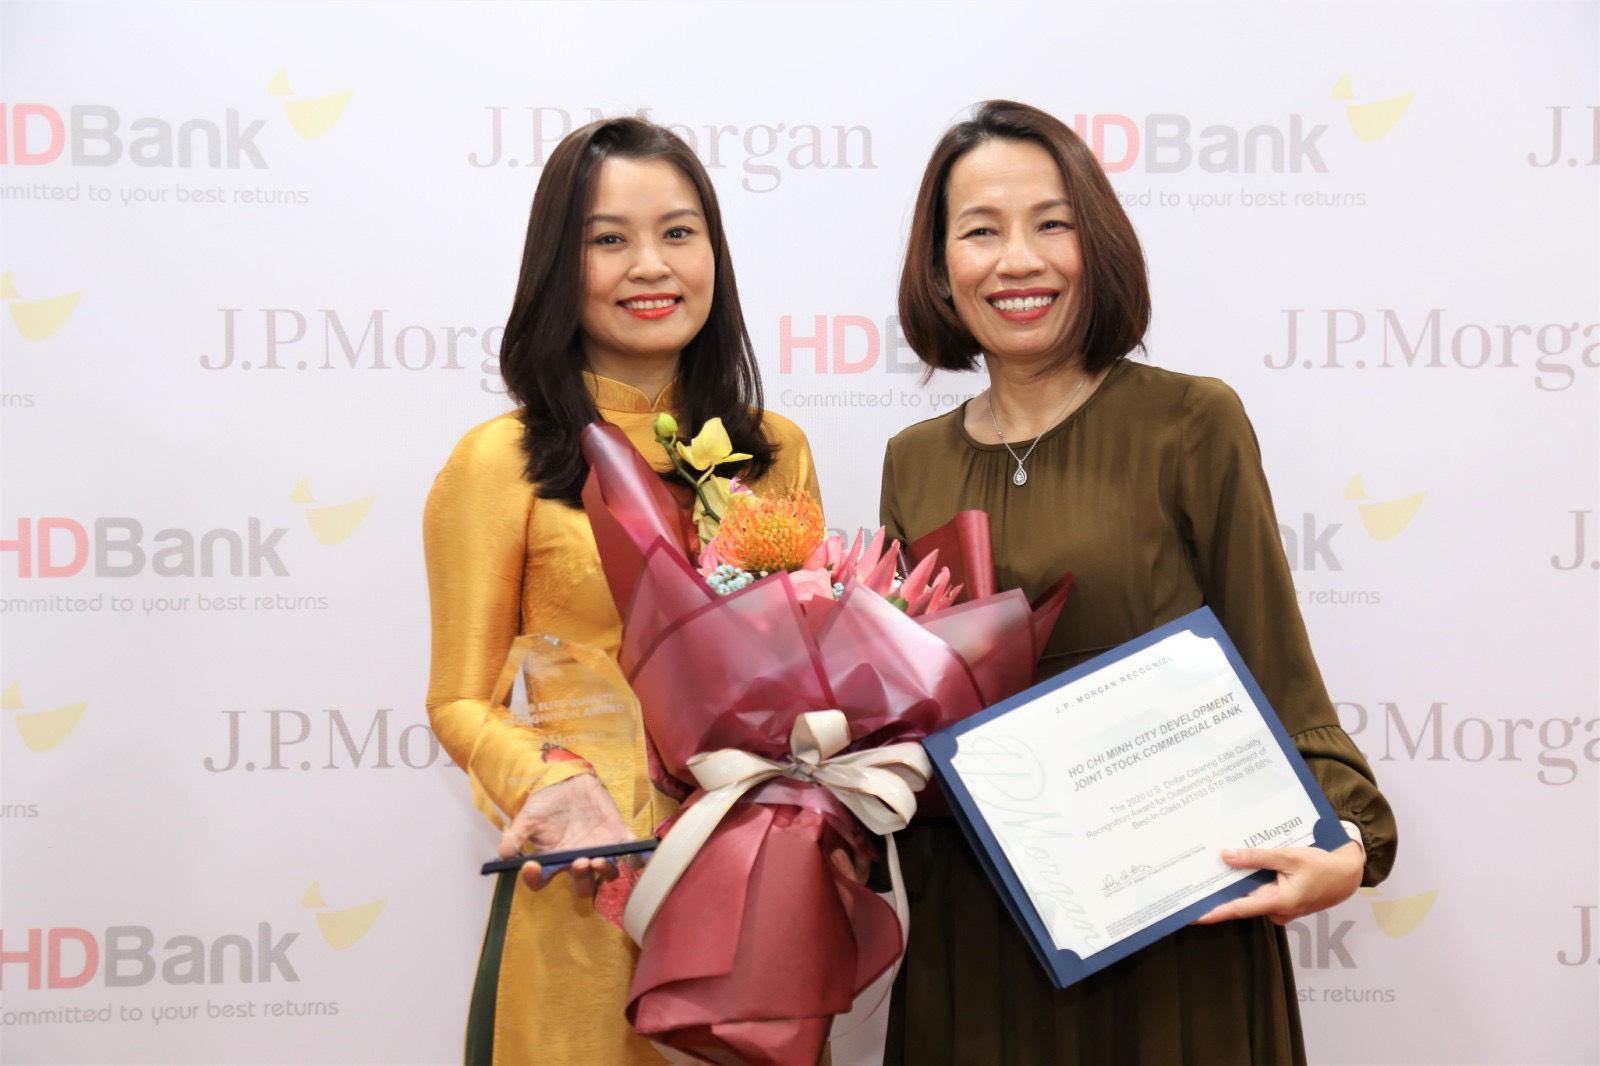 HDBank nhận Giải thưởng Chất lượng Thanh toán quốc tế xuất sắc 3 năm liên tiếp - Ảnh 2.